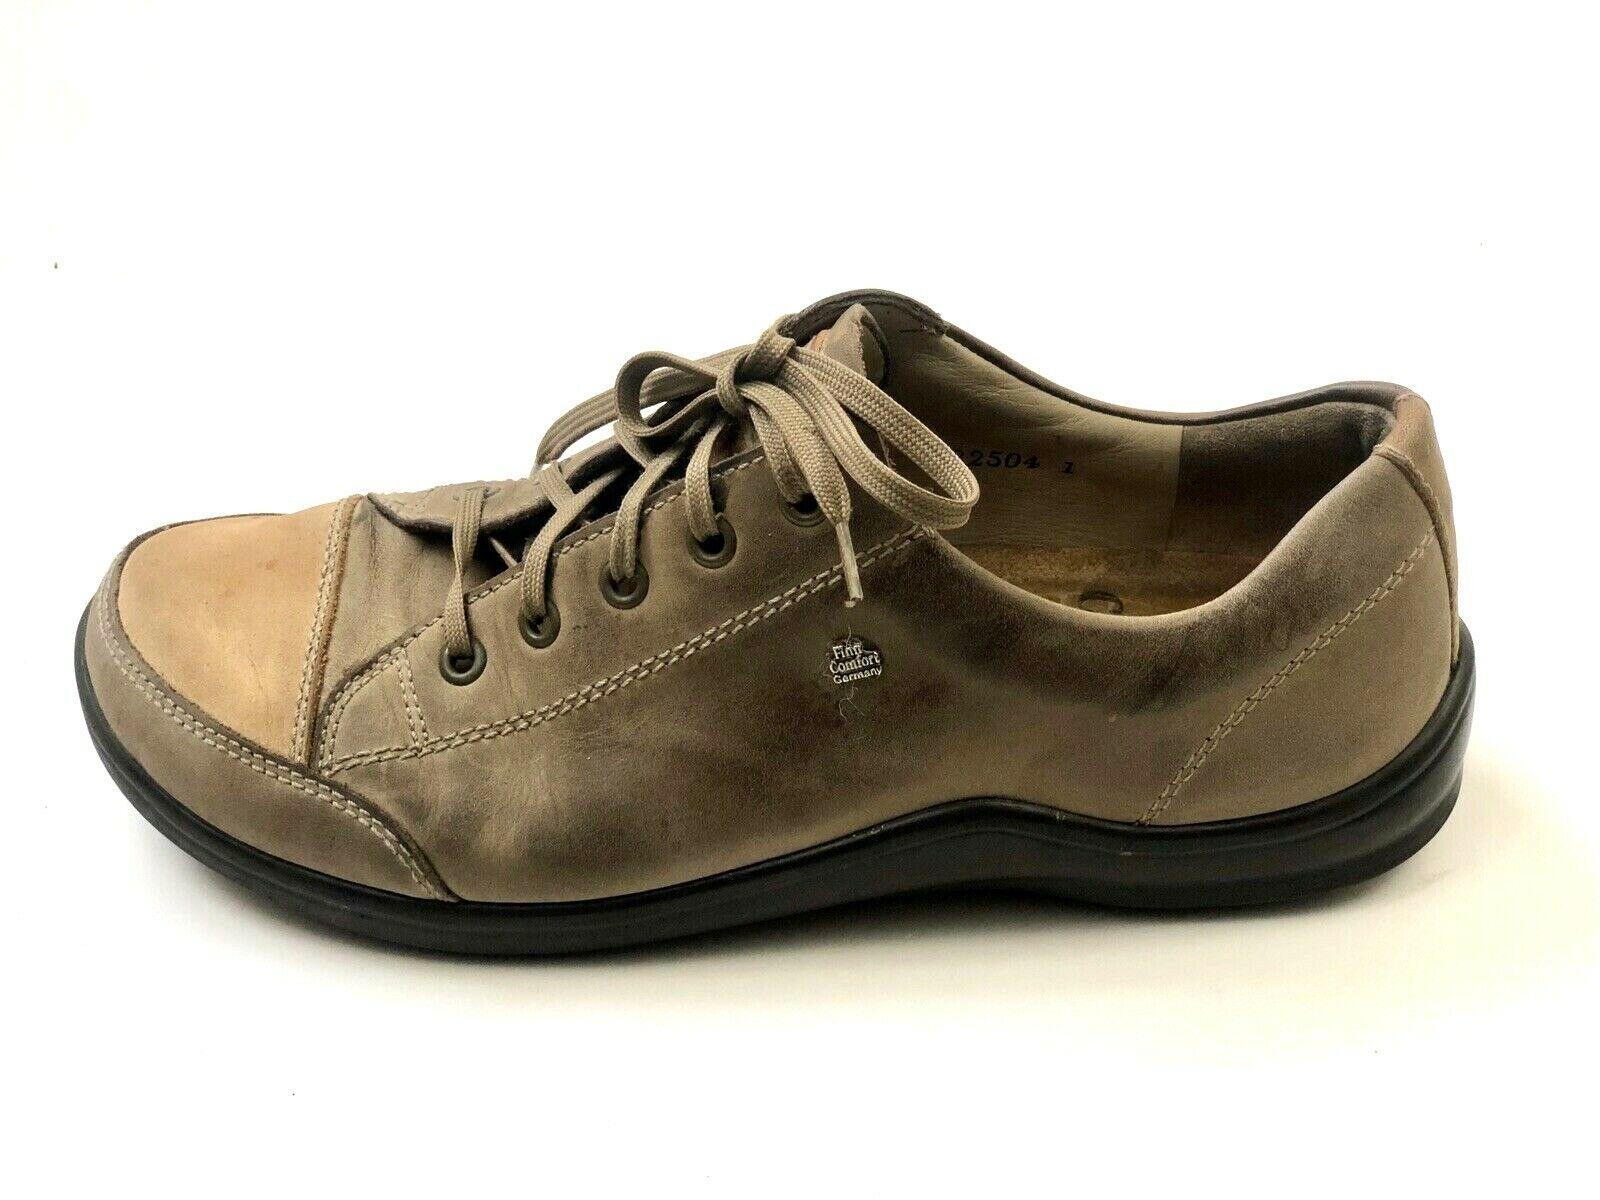 FINN COMFORT Germany Soho Brown Leather Lace Up Walking Walking Walking Sneaker EU 38   7 - 7.5 6fa990